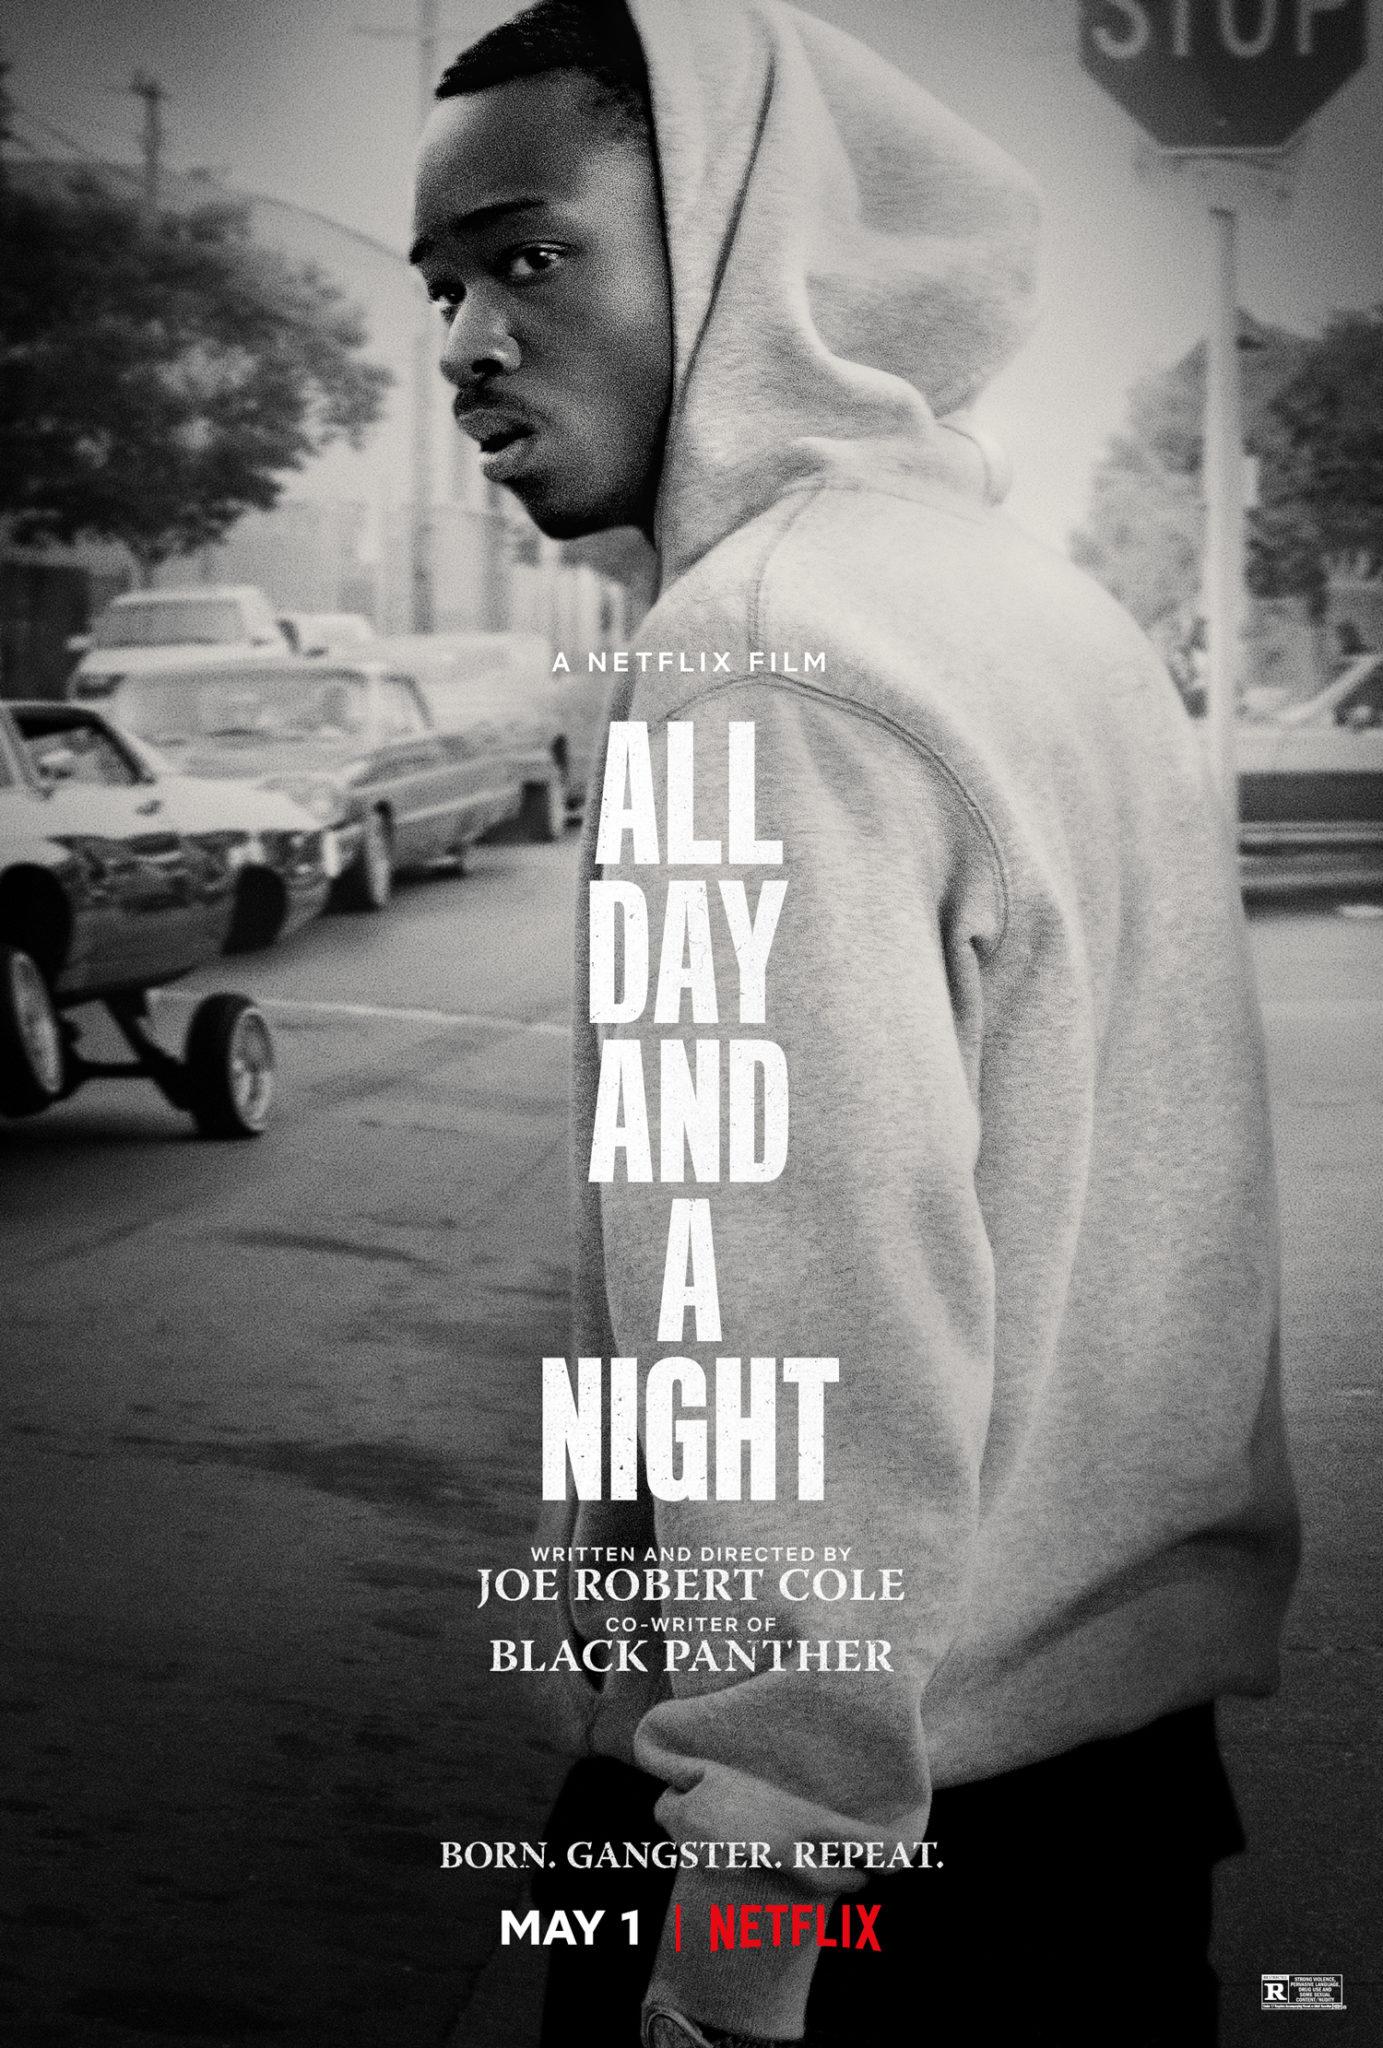 Das Poster von All Day and a Night zeigt in Schwarz-Weiß den Protagonisten Jakhor. Der Titel des Films ist in großen Lettern in weiß zu sehen - die einzelnen Wörter sind untereinander angeordnet.